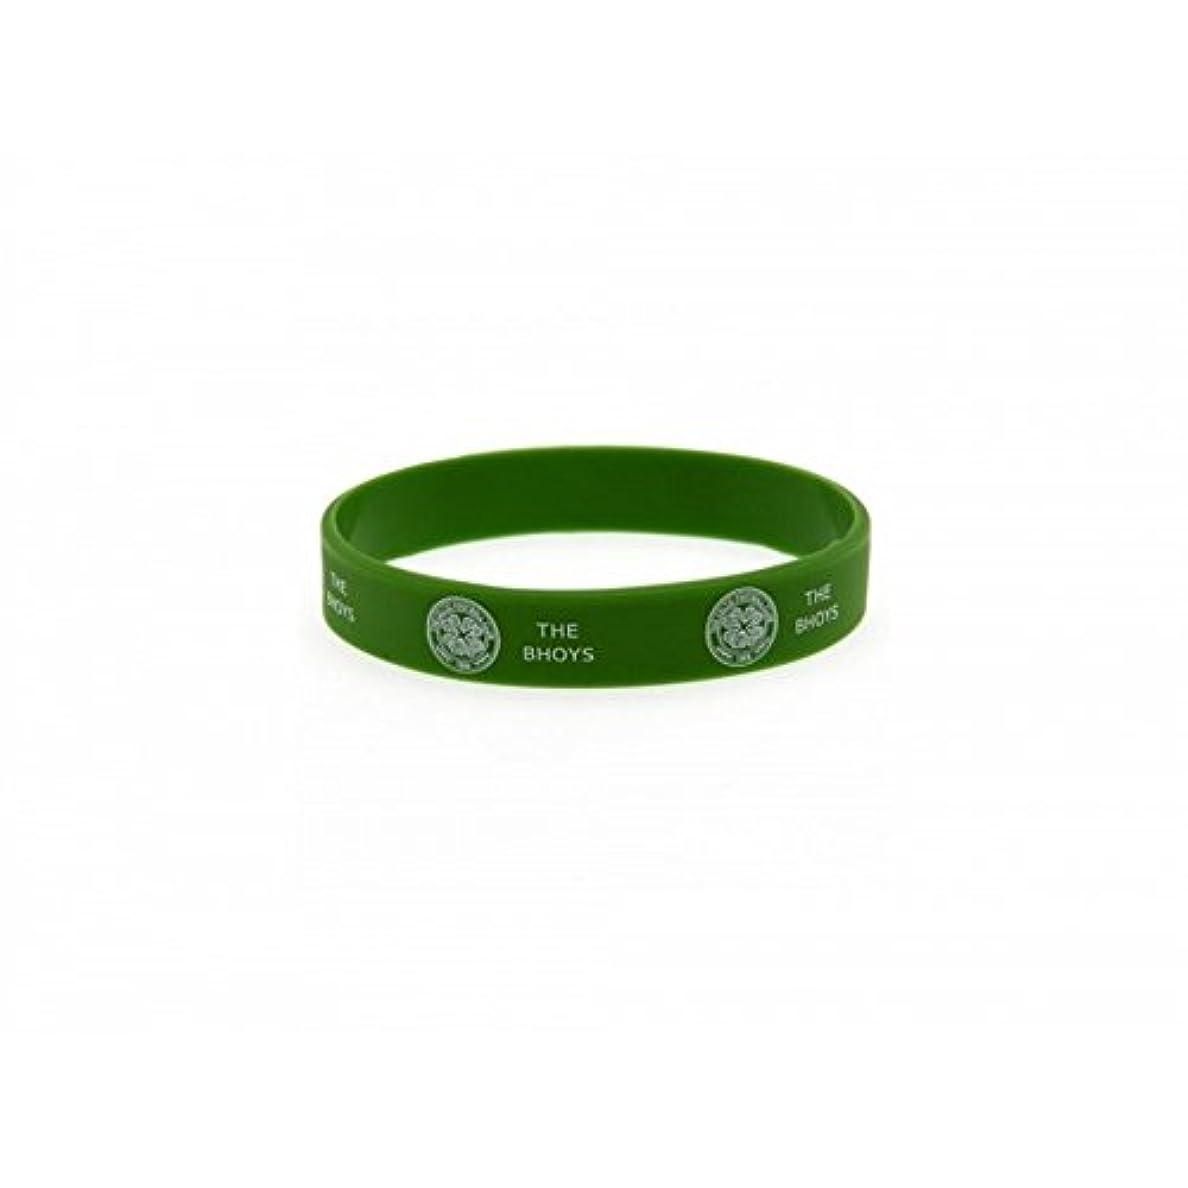 強制的ミサイルスカウトセルティック フットボールクラブ Celtic FC オフィシャル商品 シリコン リストバンド